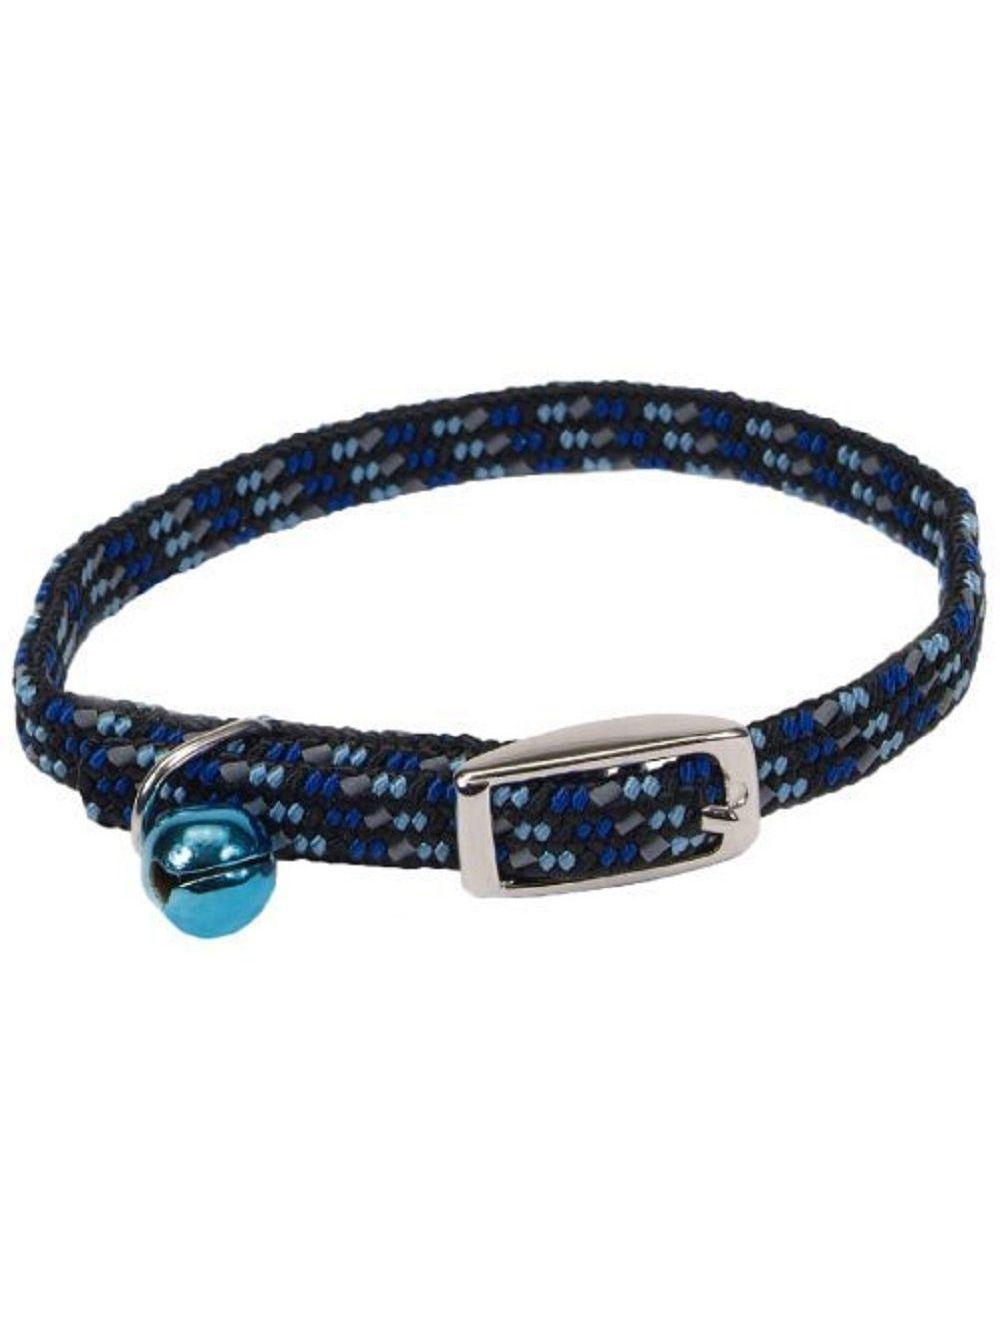 Collar para Gato Lil pals azul reflectivo-Ciudaddemascotas.com